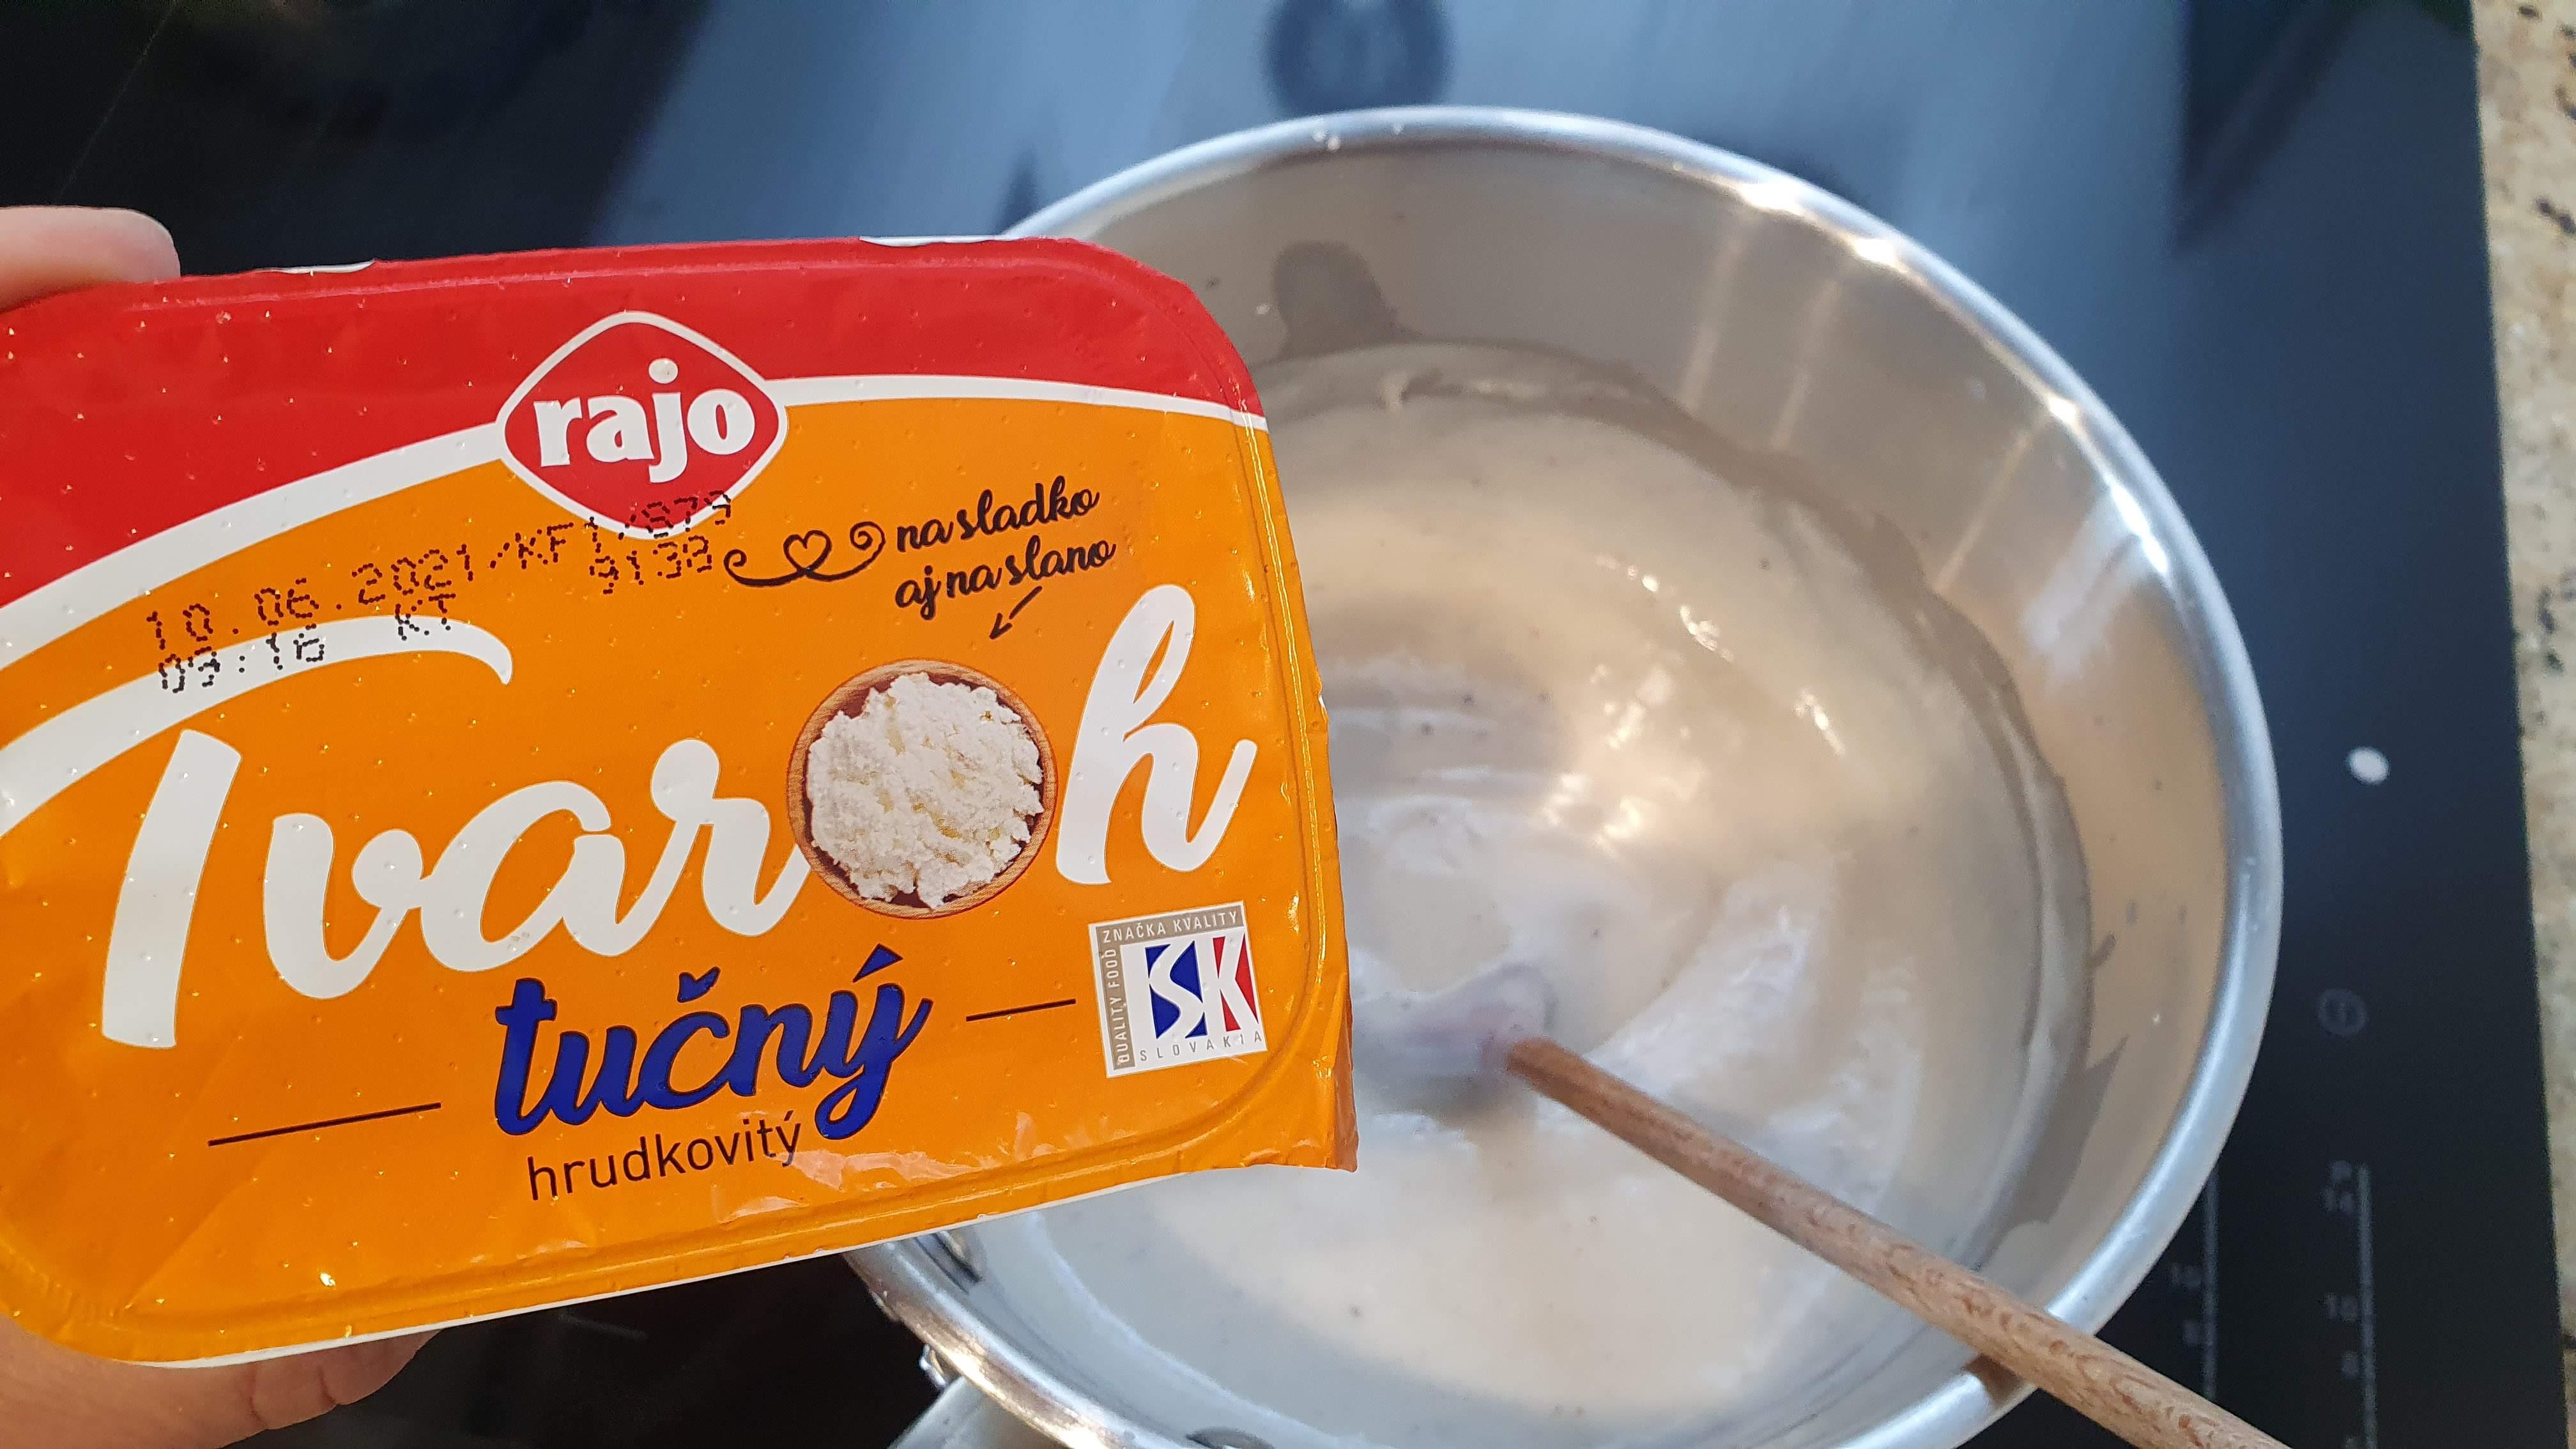 Vanilkový puding si uvaríme podľa návodu a na záver do neho primiešame jednu vaničku tvarohu a necháme mierne vychladnúť, občas premiešame.